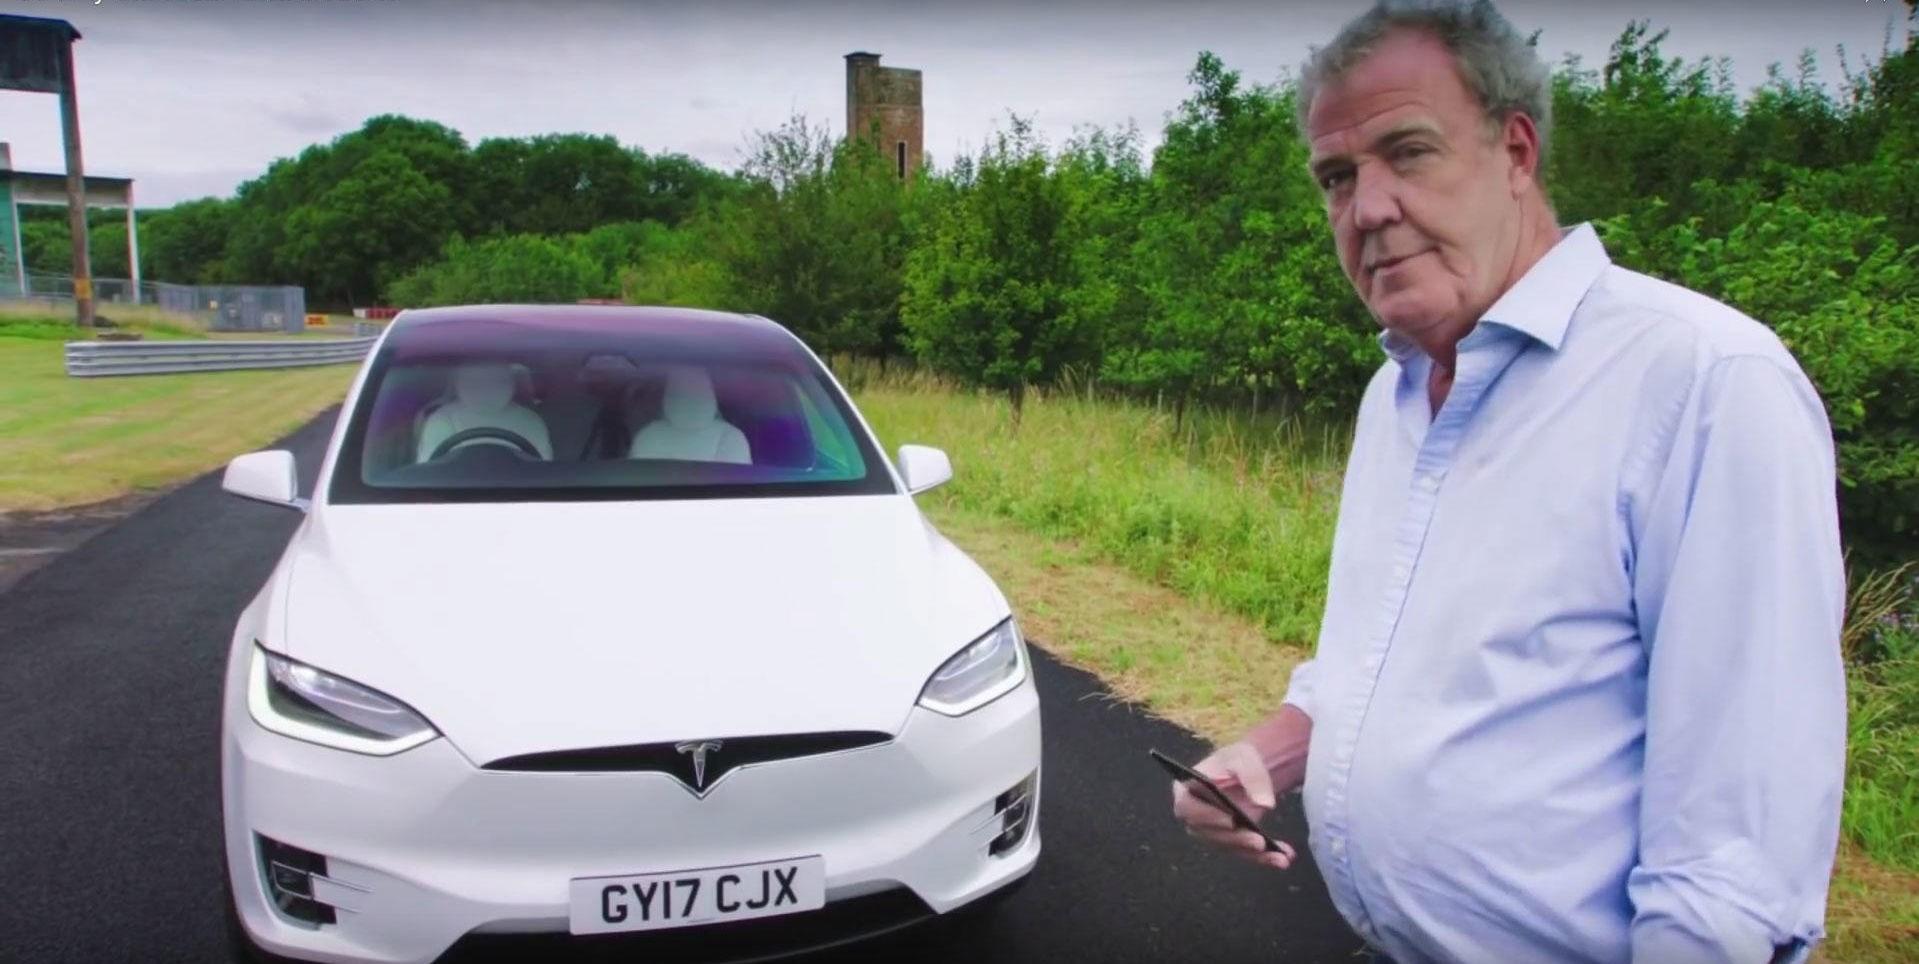 JEREMY CLARKSON MED TESLA MODEL X: Biljournalist Jeremy Clarkson slaktet i sin tid Teslas elbil Roadster. Men hva mener han om elbilene i dag?